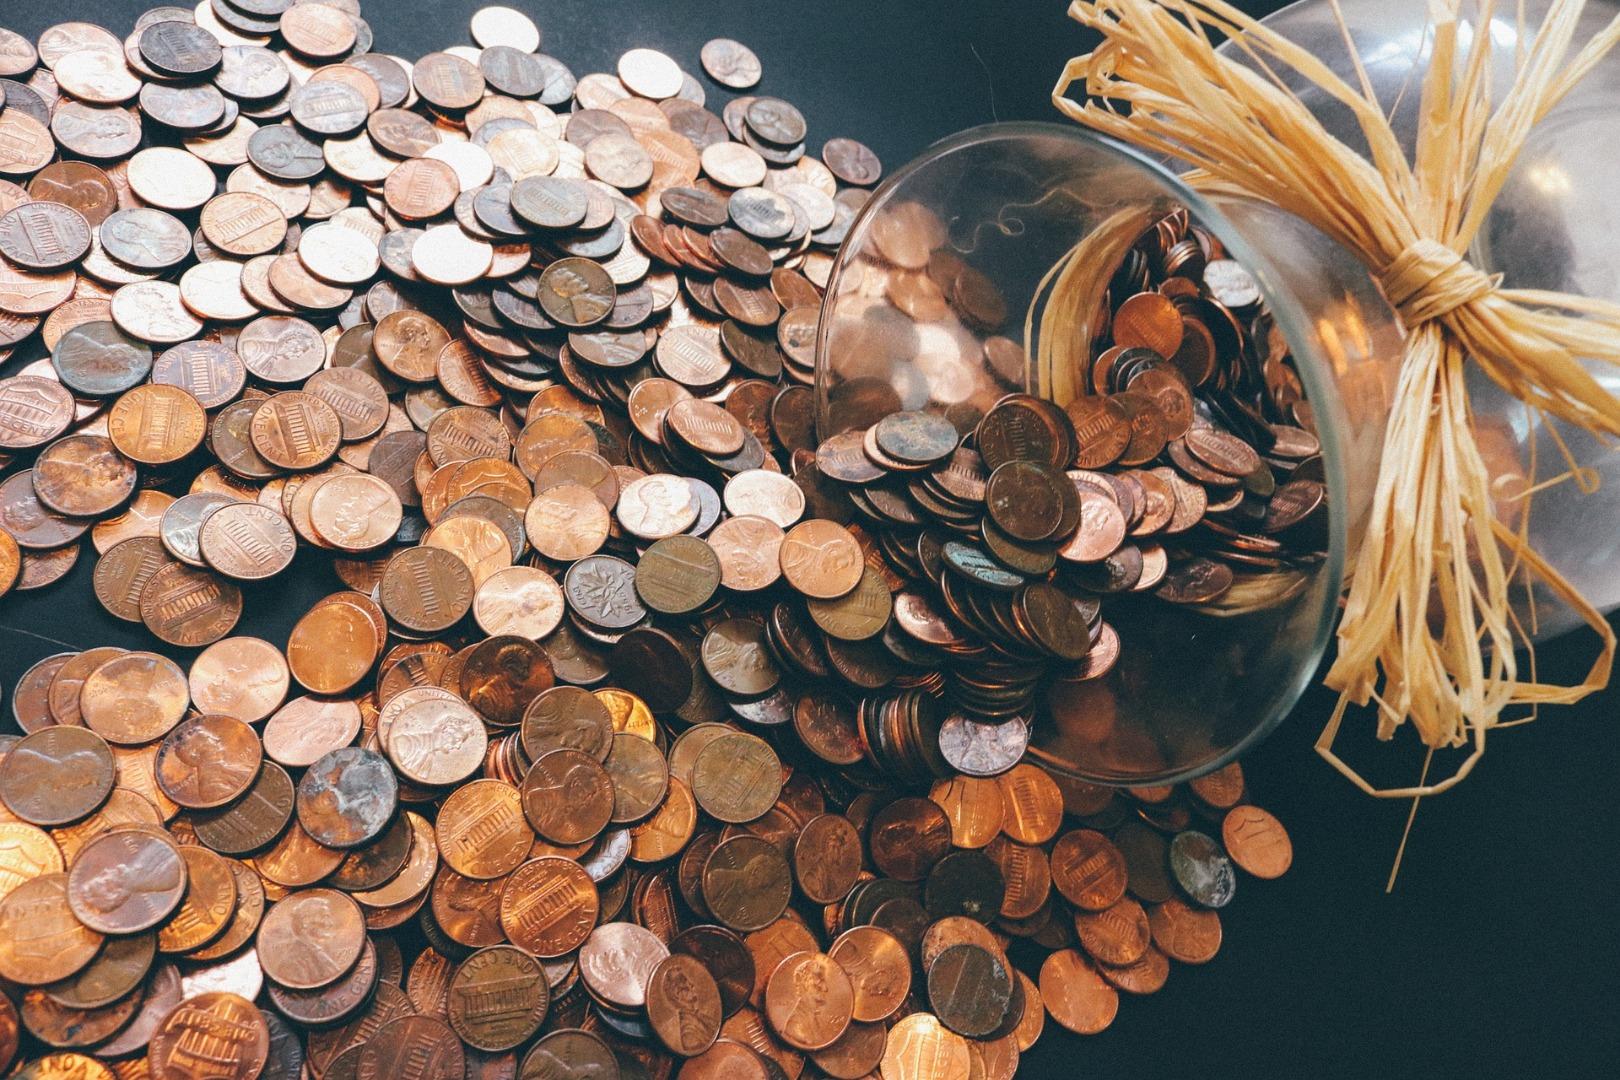 Consórcios se tornam investimentos atraentes após incerteza econômica